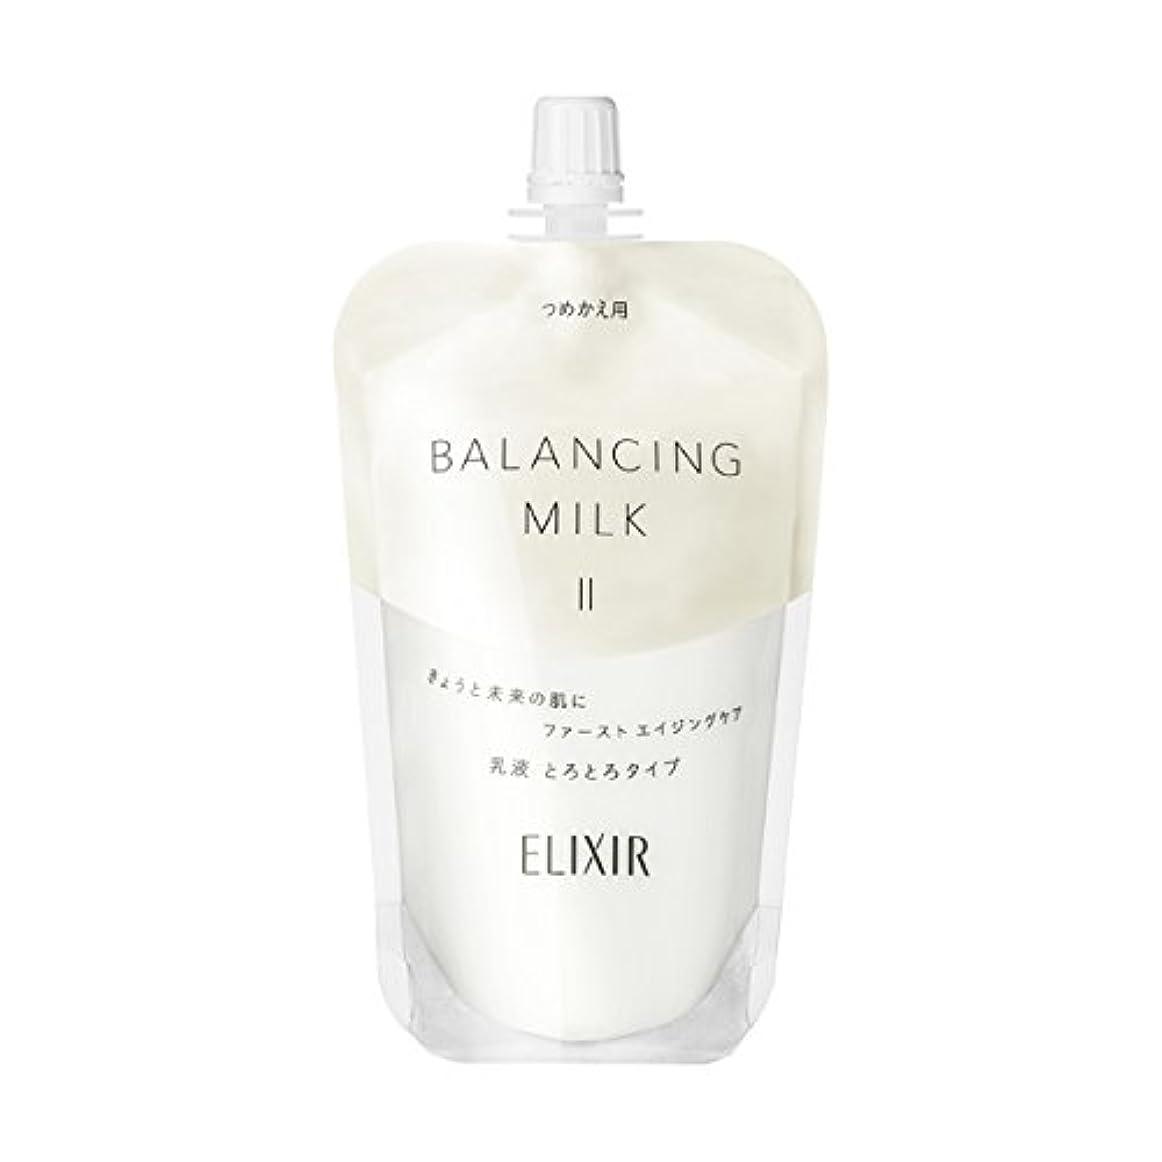 ピービッシュサラミペインティングエリクシール ルフレ バランシング ミルク 乳液 2 (とろとろタイプ) (つめかえ用) 110mL